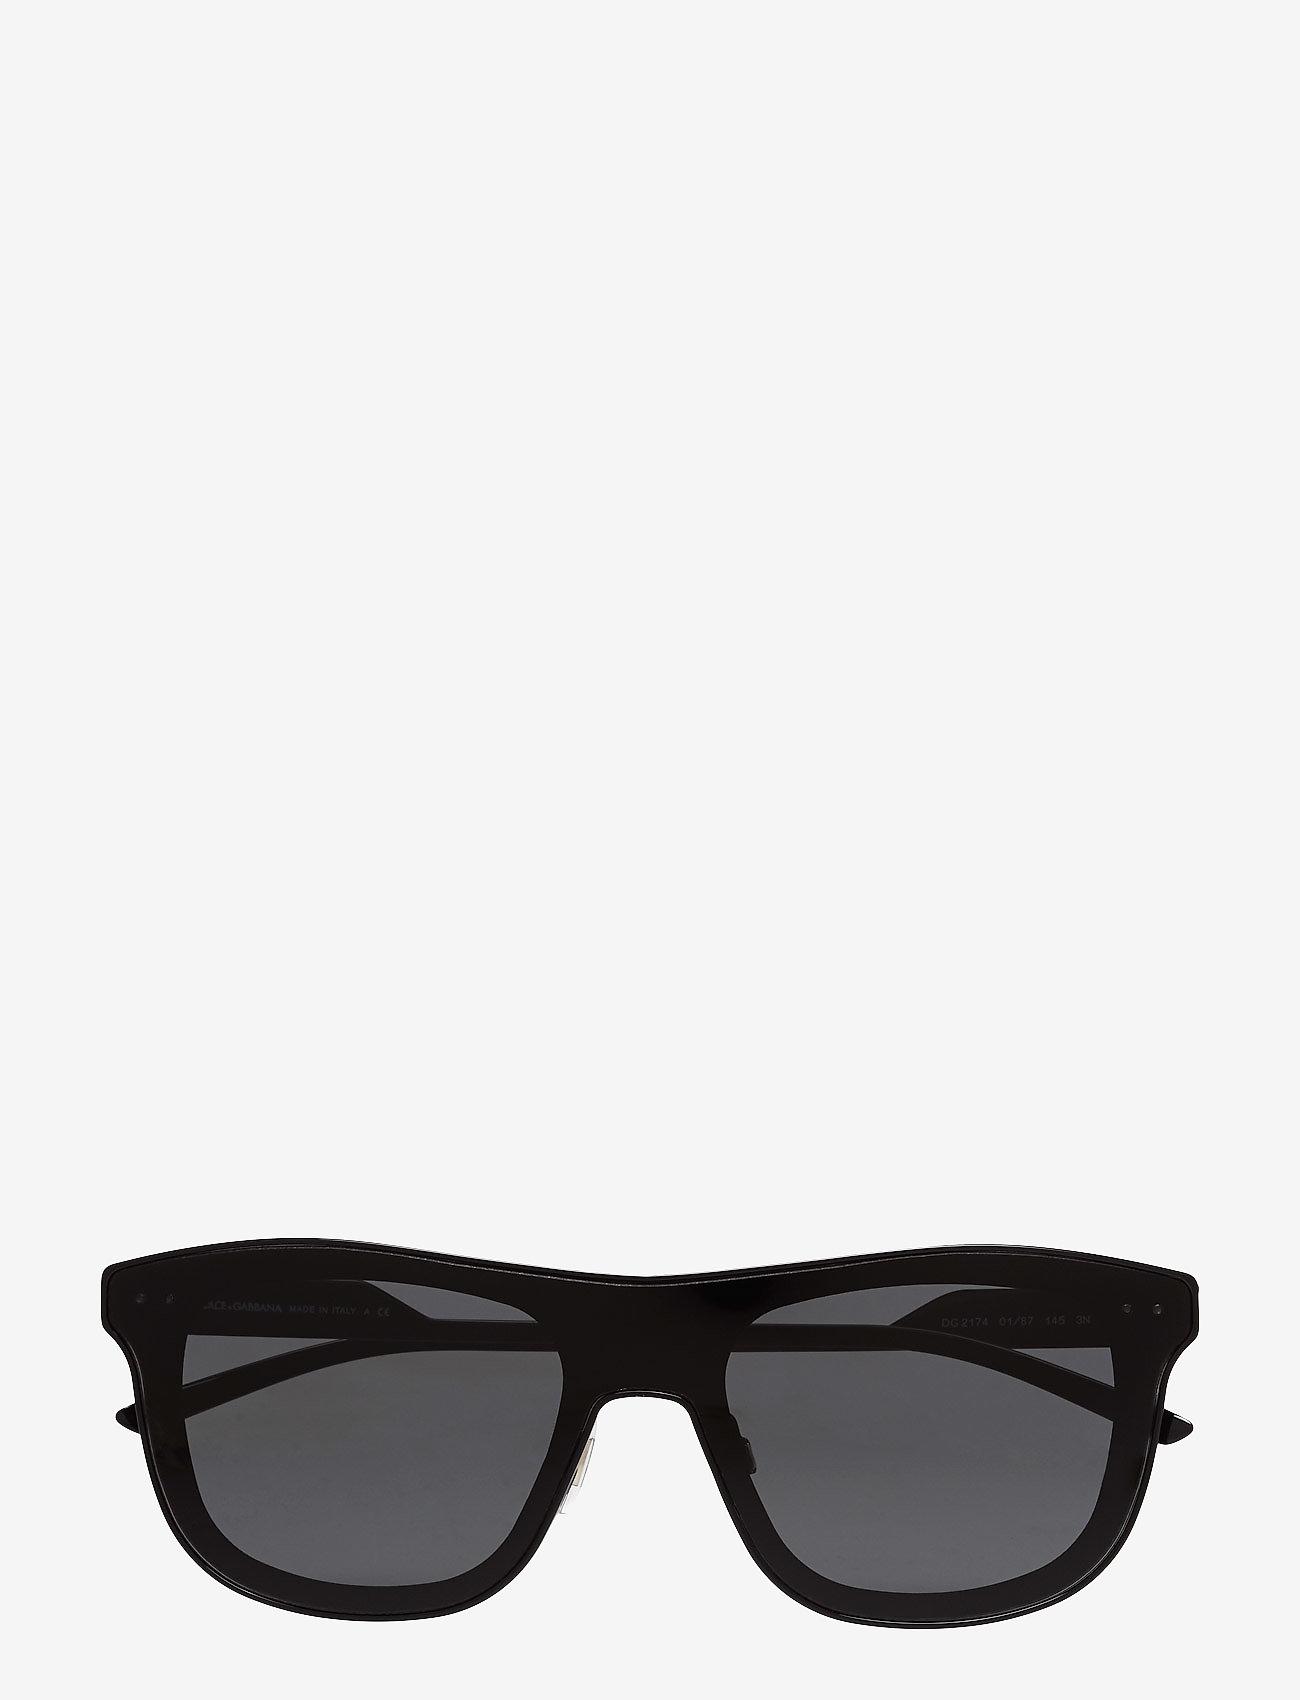 Dolce & Gabbana Sunglasses - Not Defined - okulary przeciwsłoneczne w kształcie litery d - black - 0